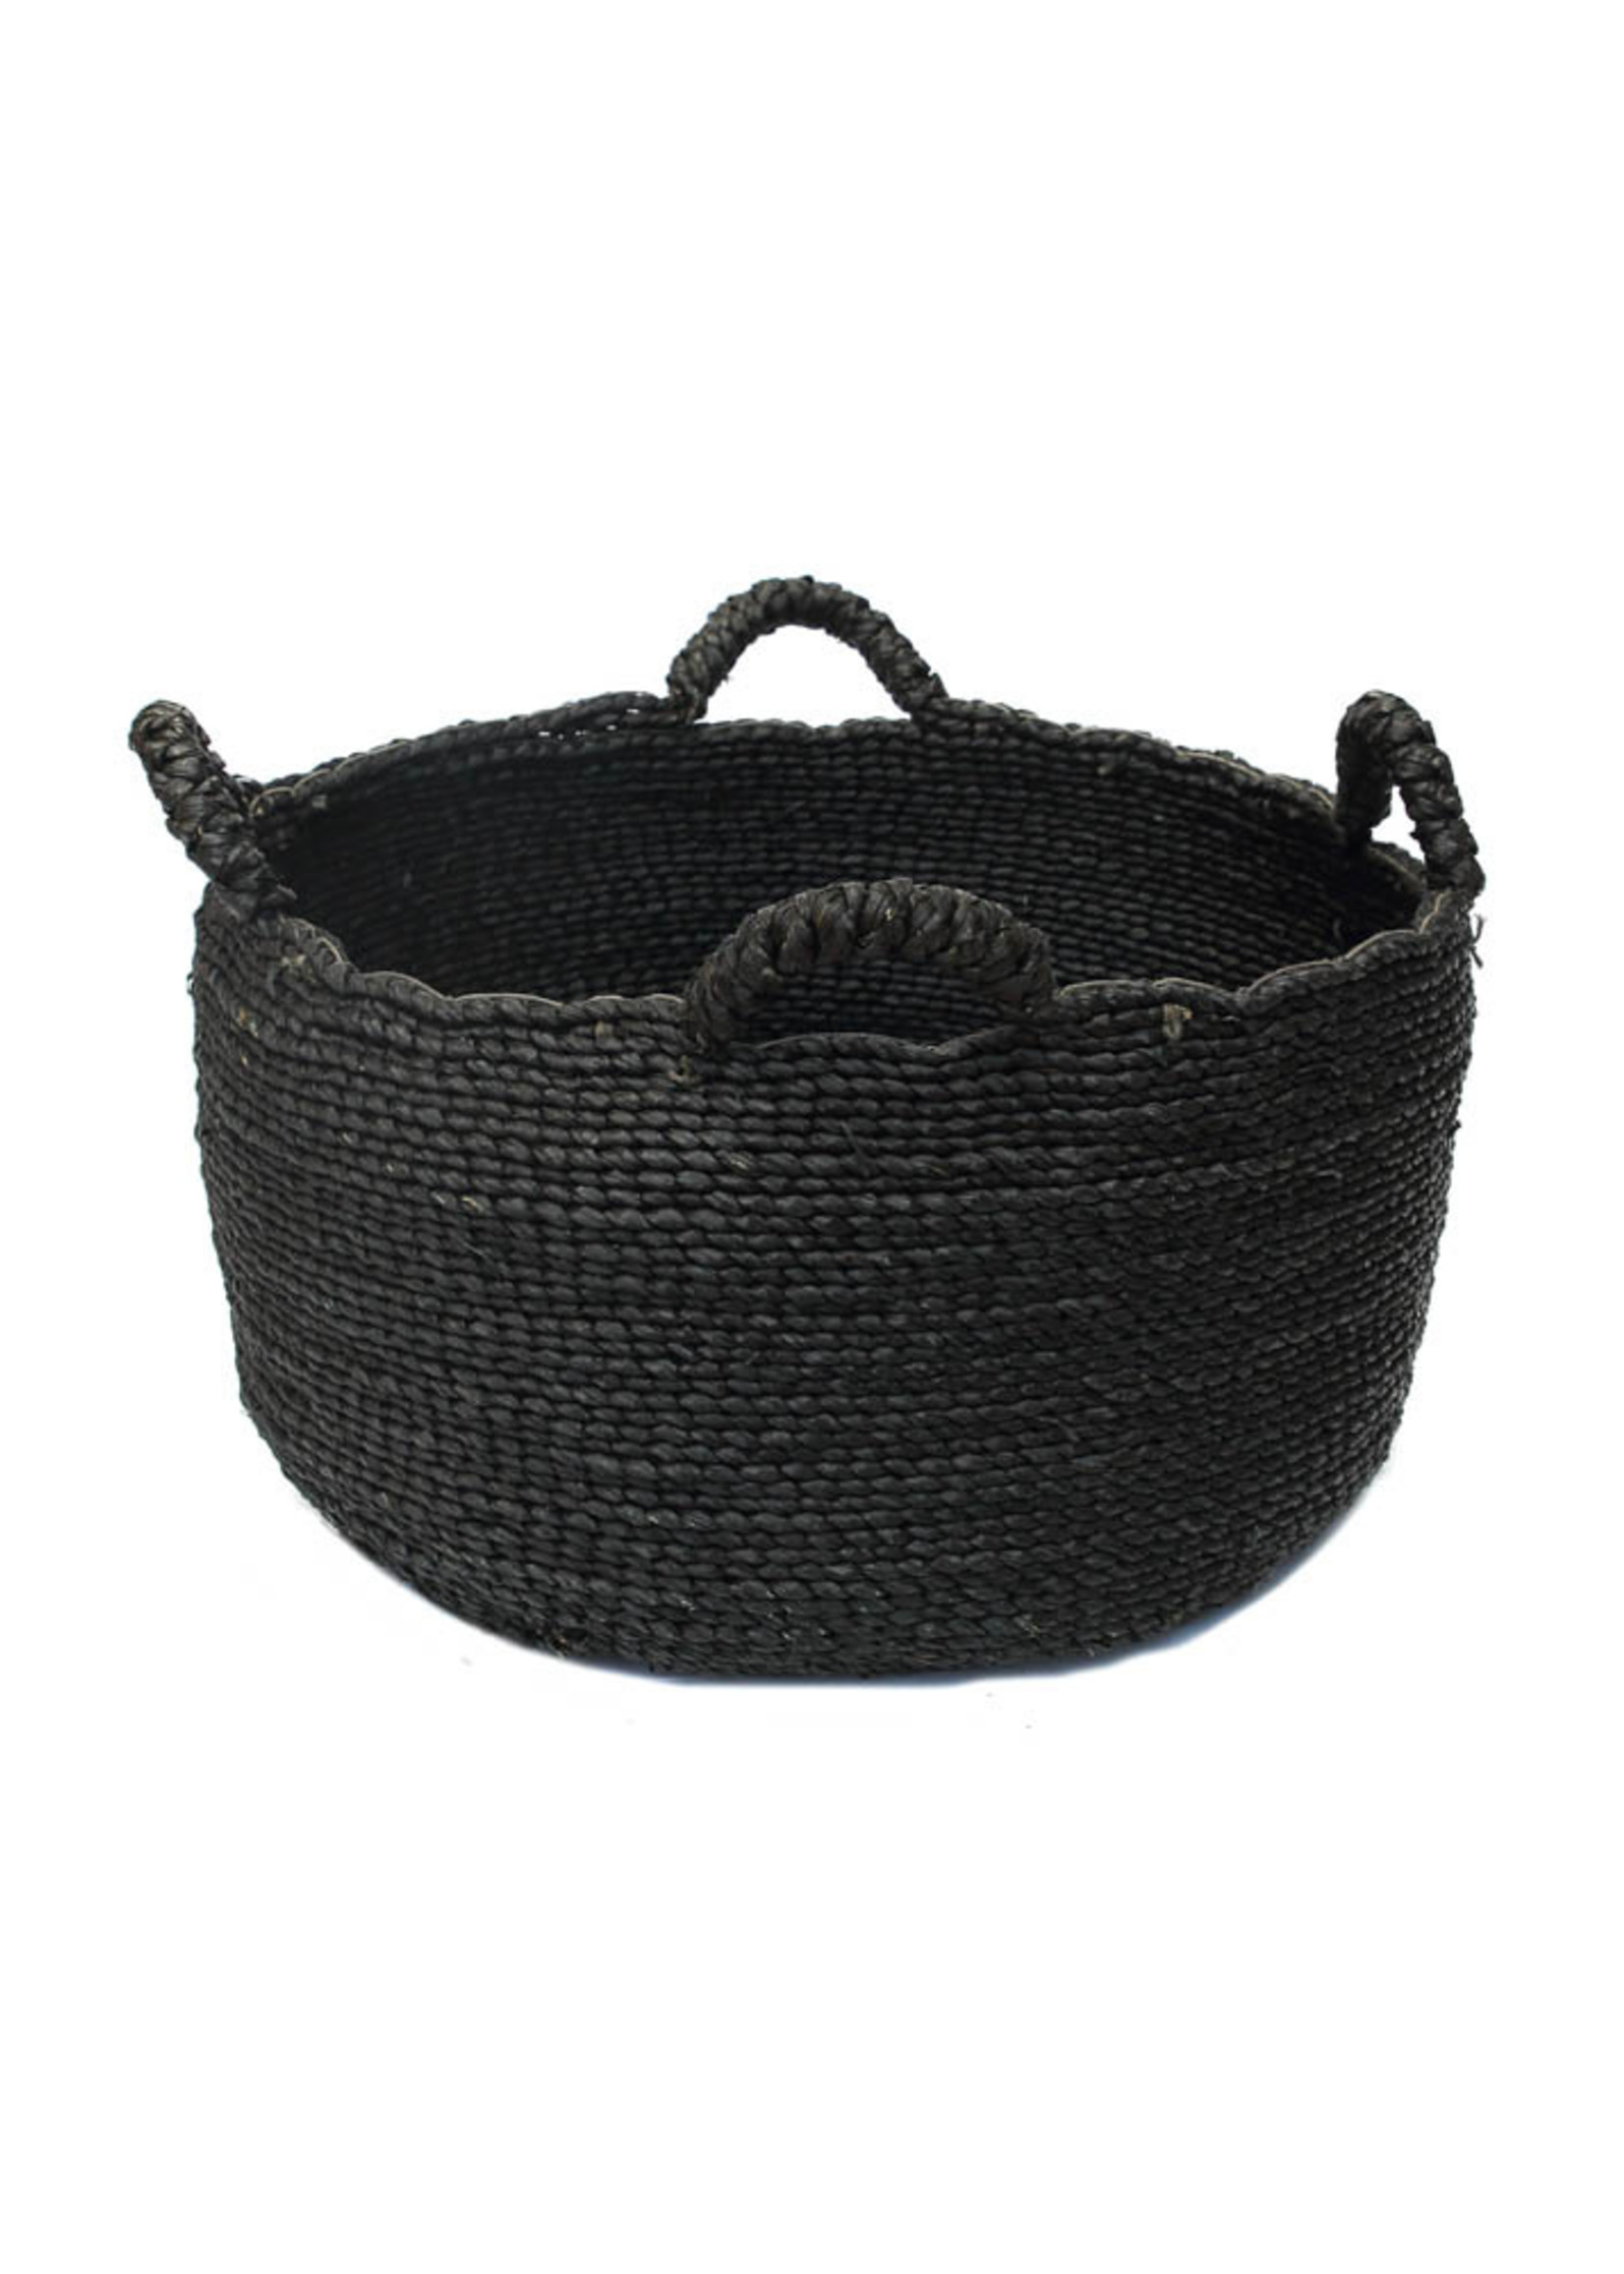 Les Quatre Mains Baskets - Black - S